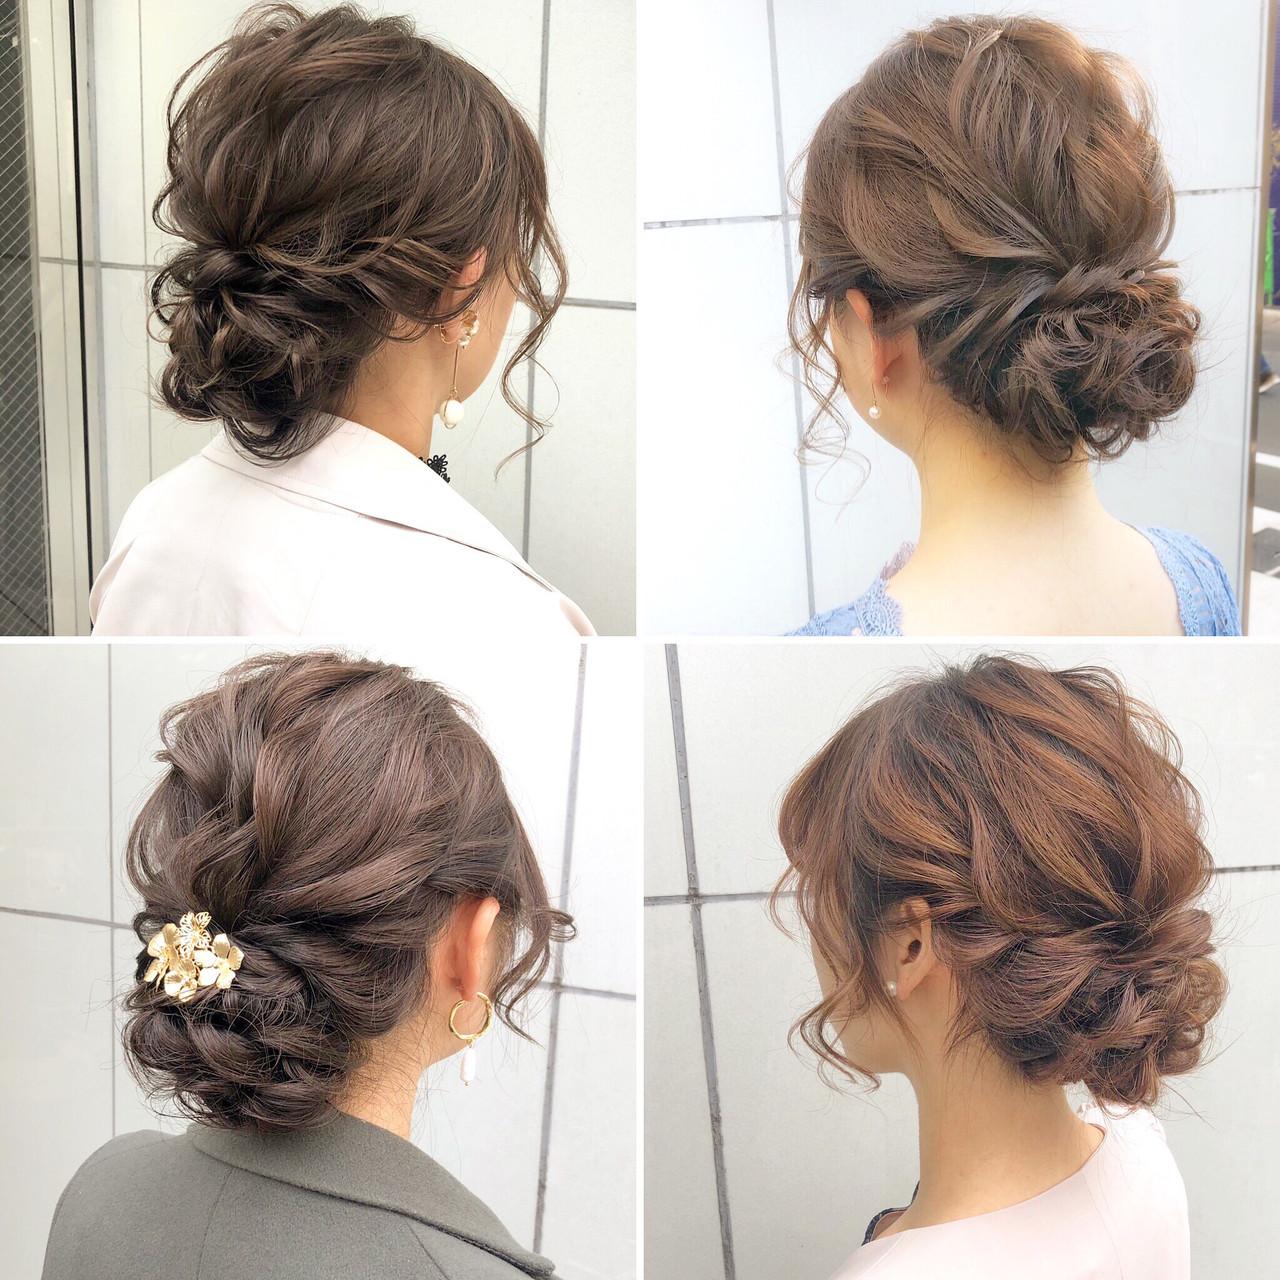 結婚式ボブアレンジ集 お呼ばれは華やかに飾らなきゃ Hair